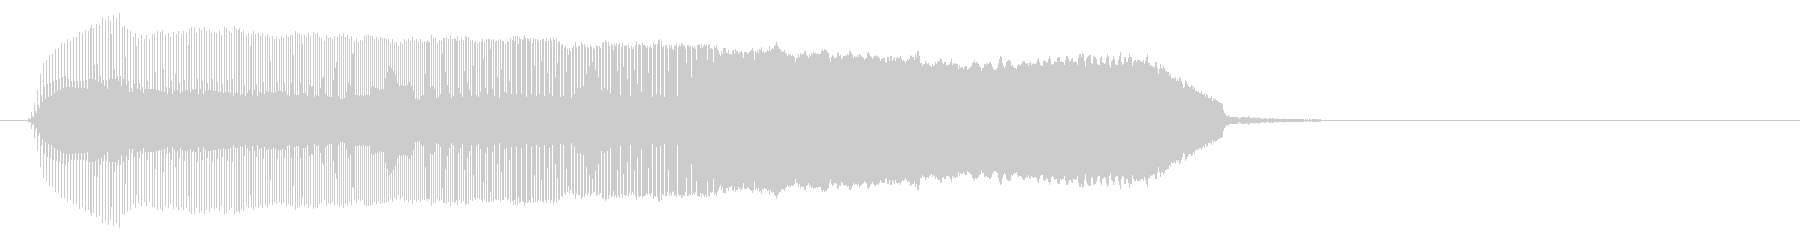 シンプルなメーター上昇音/コミカルの未再生の波形